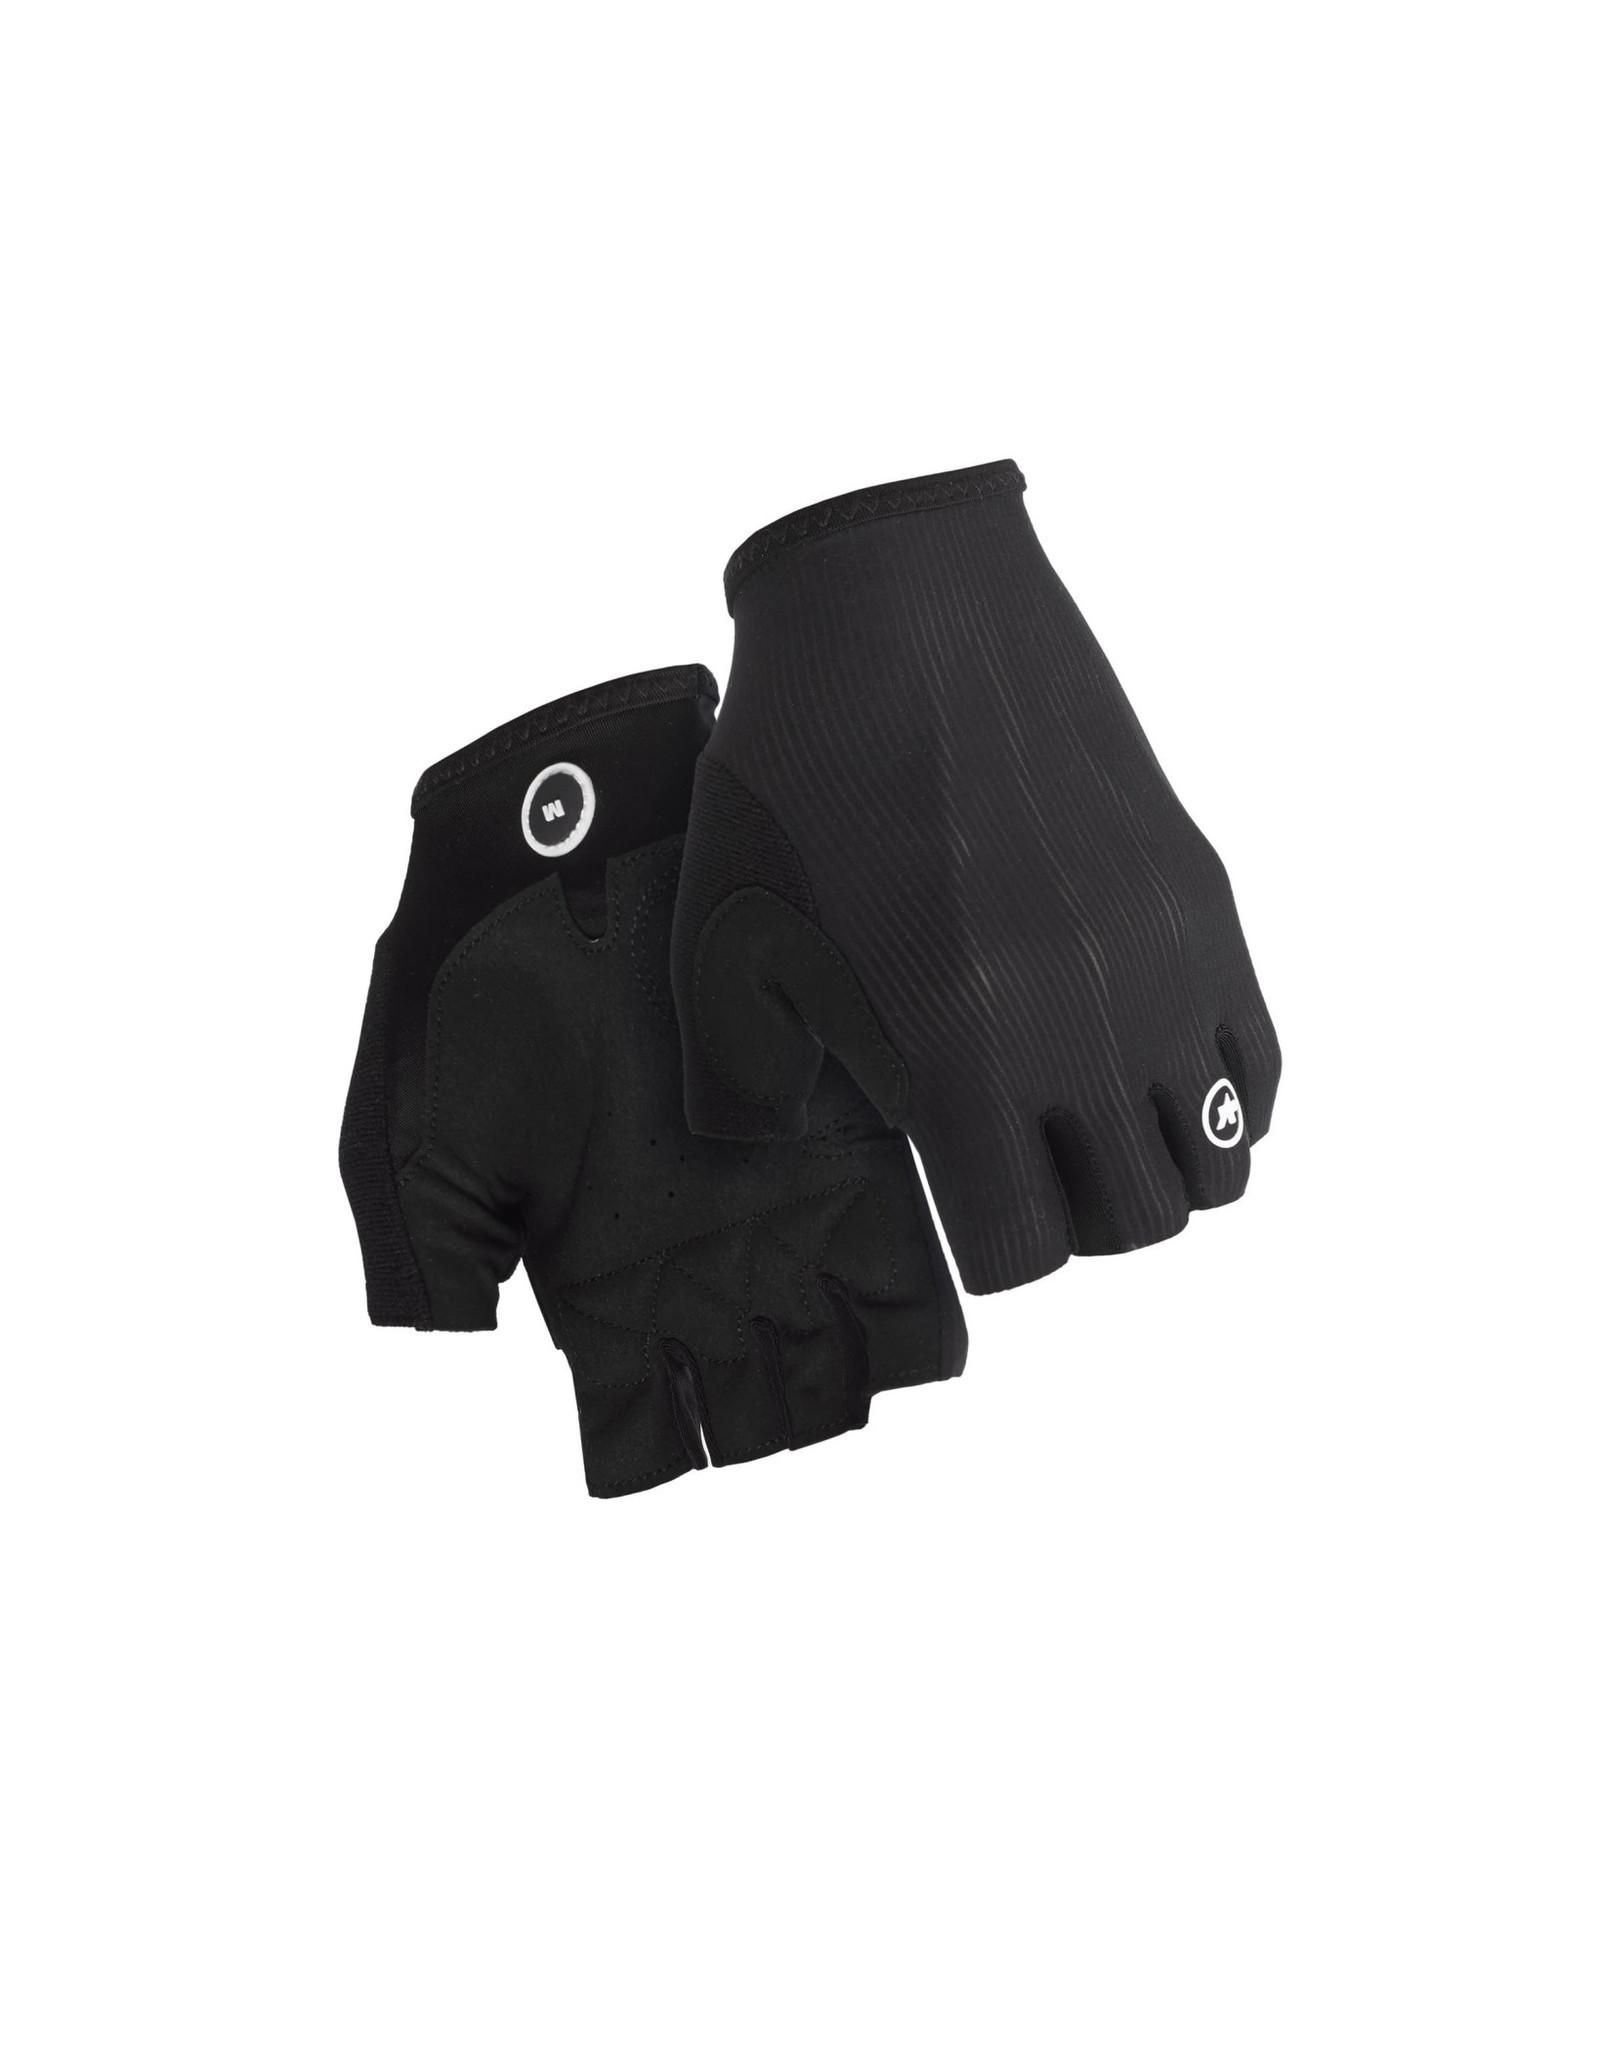 Assos '20, ASSOS RS Aero SF Glove